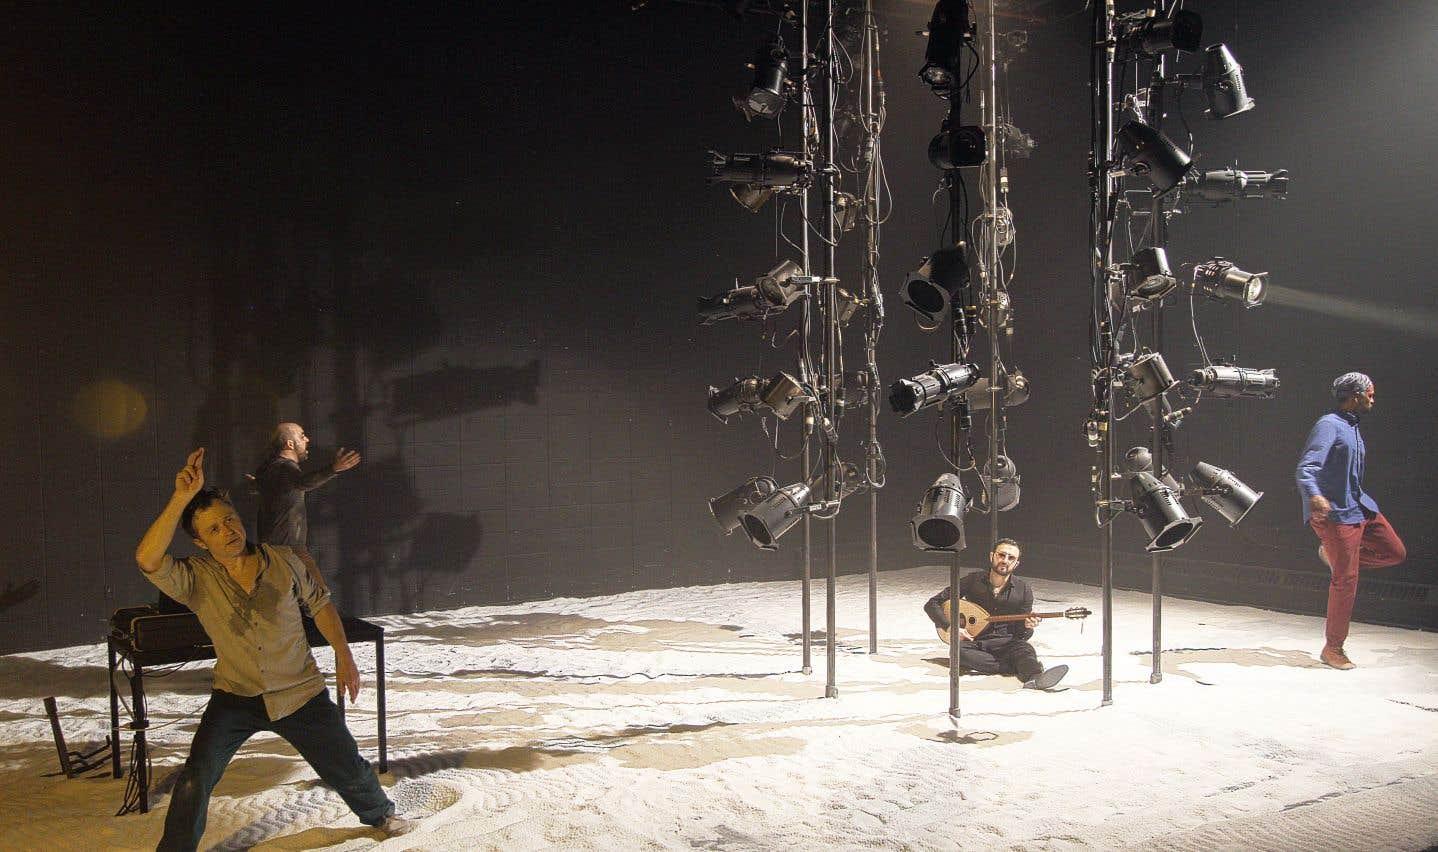 Il est difficile de voir le lien, l'unité dans la juxtaposition de gestuelles et d'écriture fragmentées de chacun des acteurs.